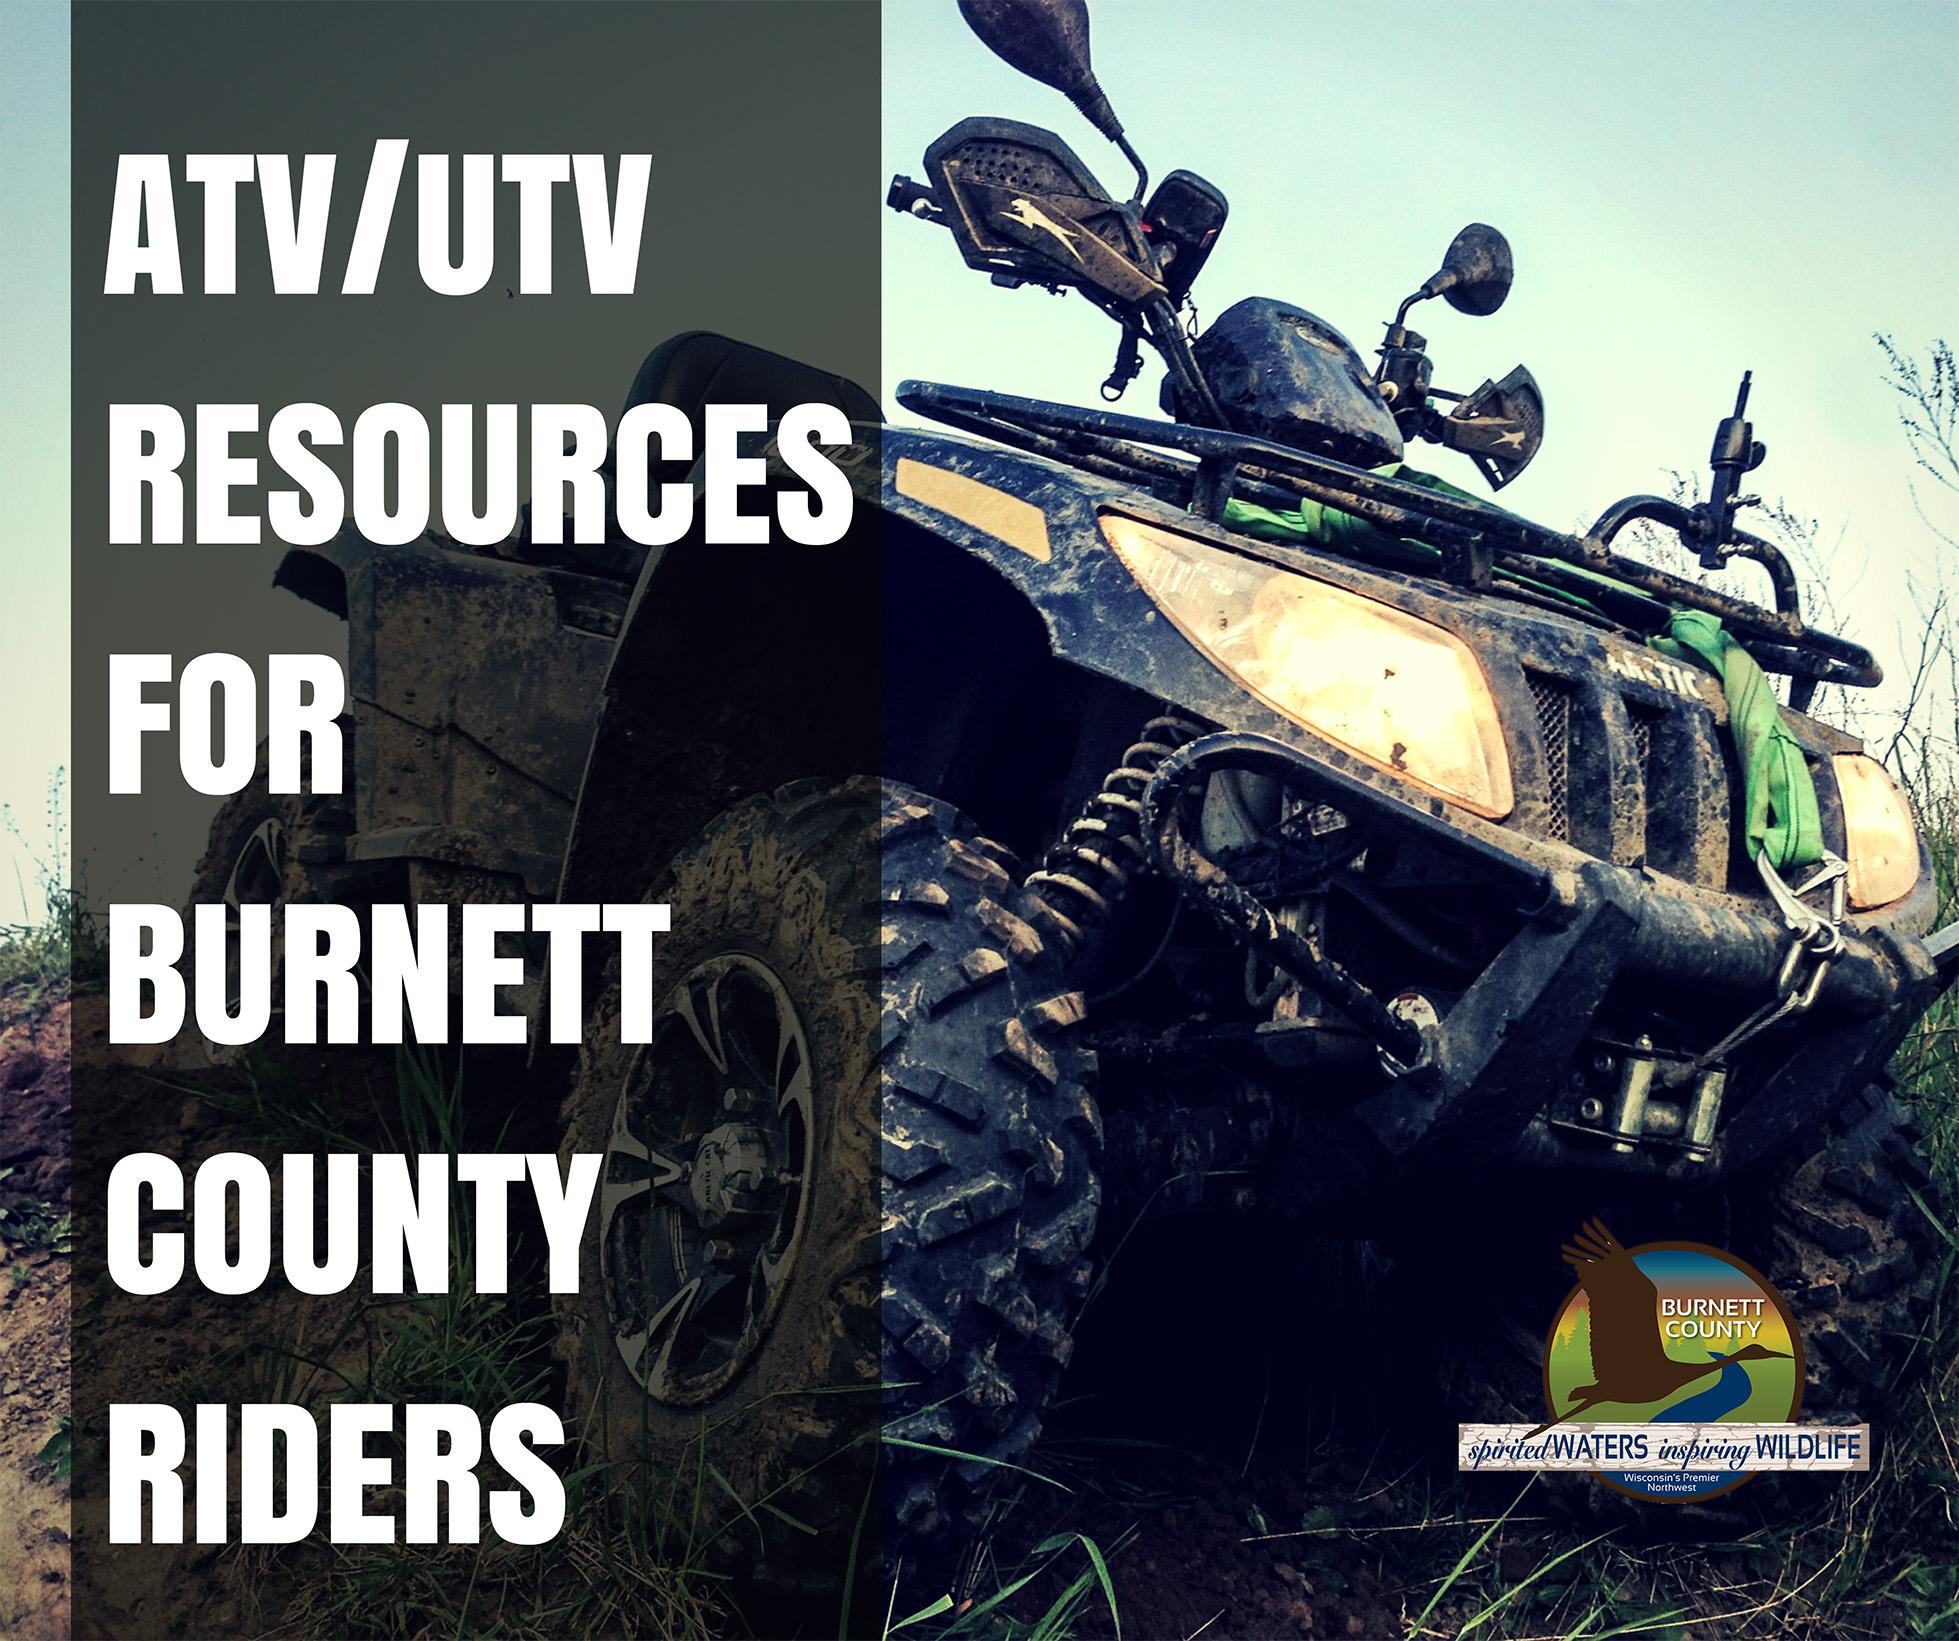 ATV RESOURCESFOR BURNETT COUNTY